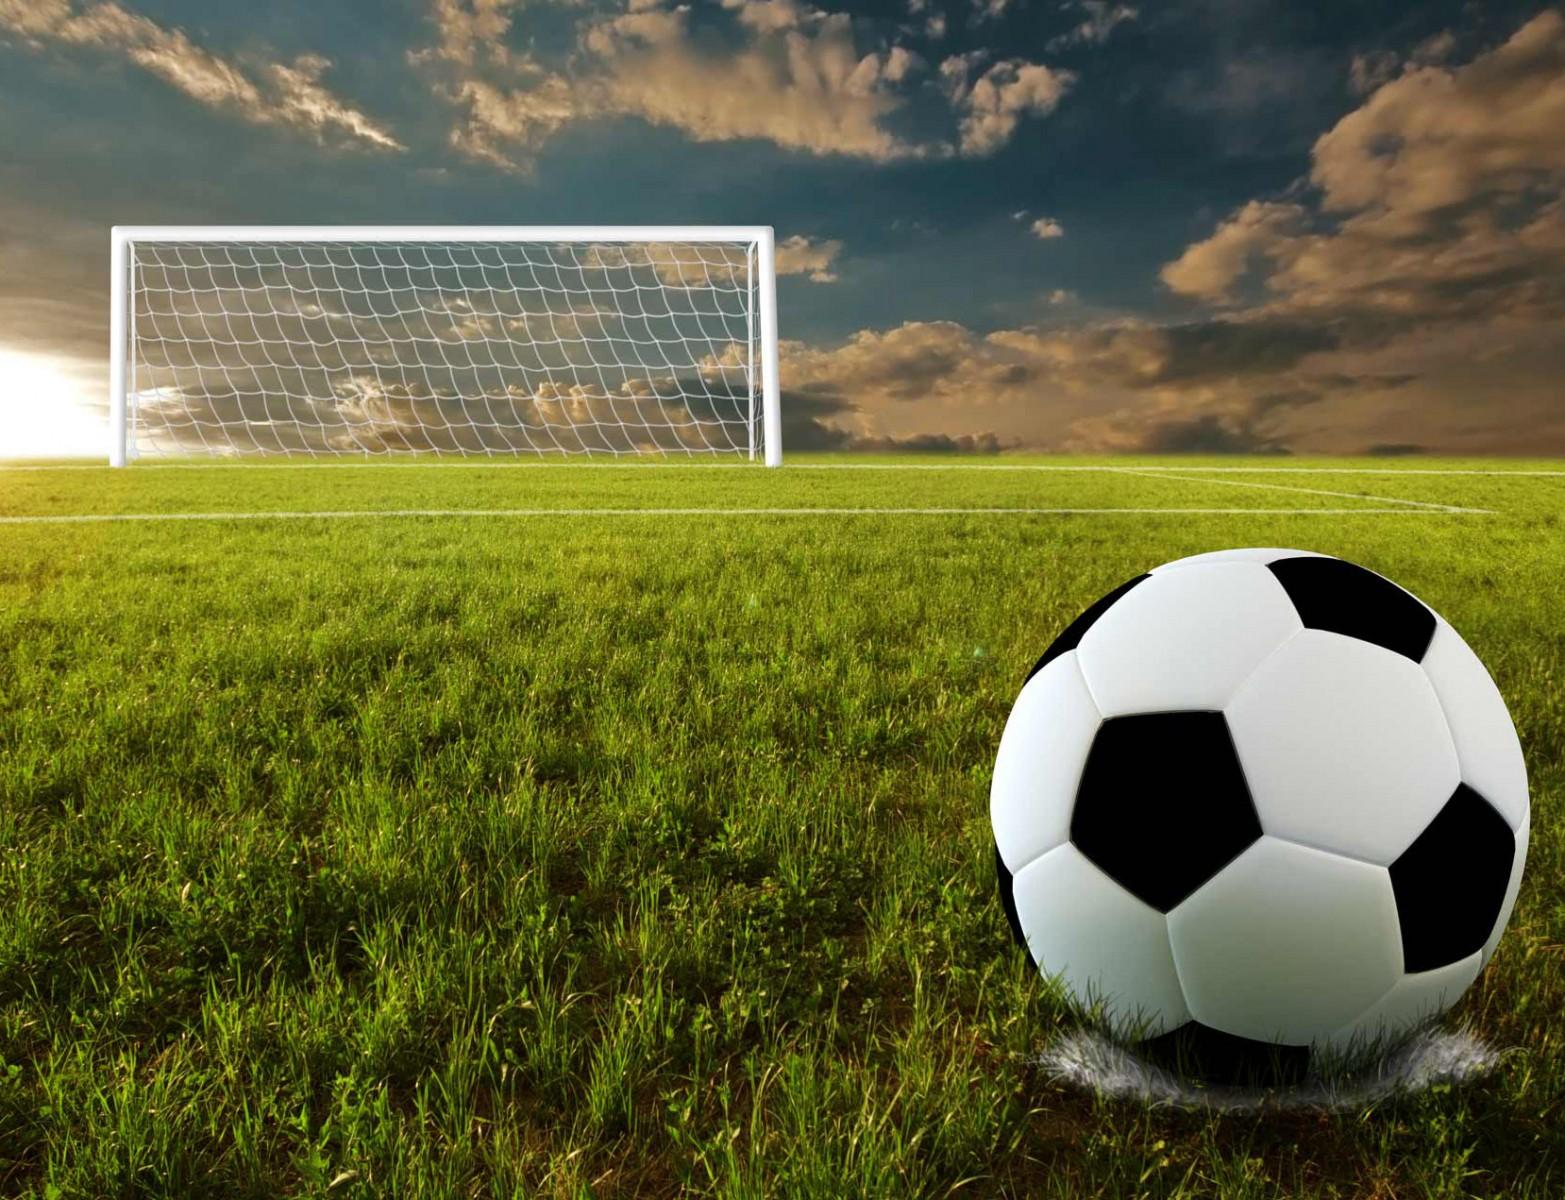 Картинки футбольный мяч на поле, годовщиной свадьбы